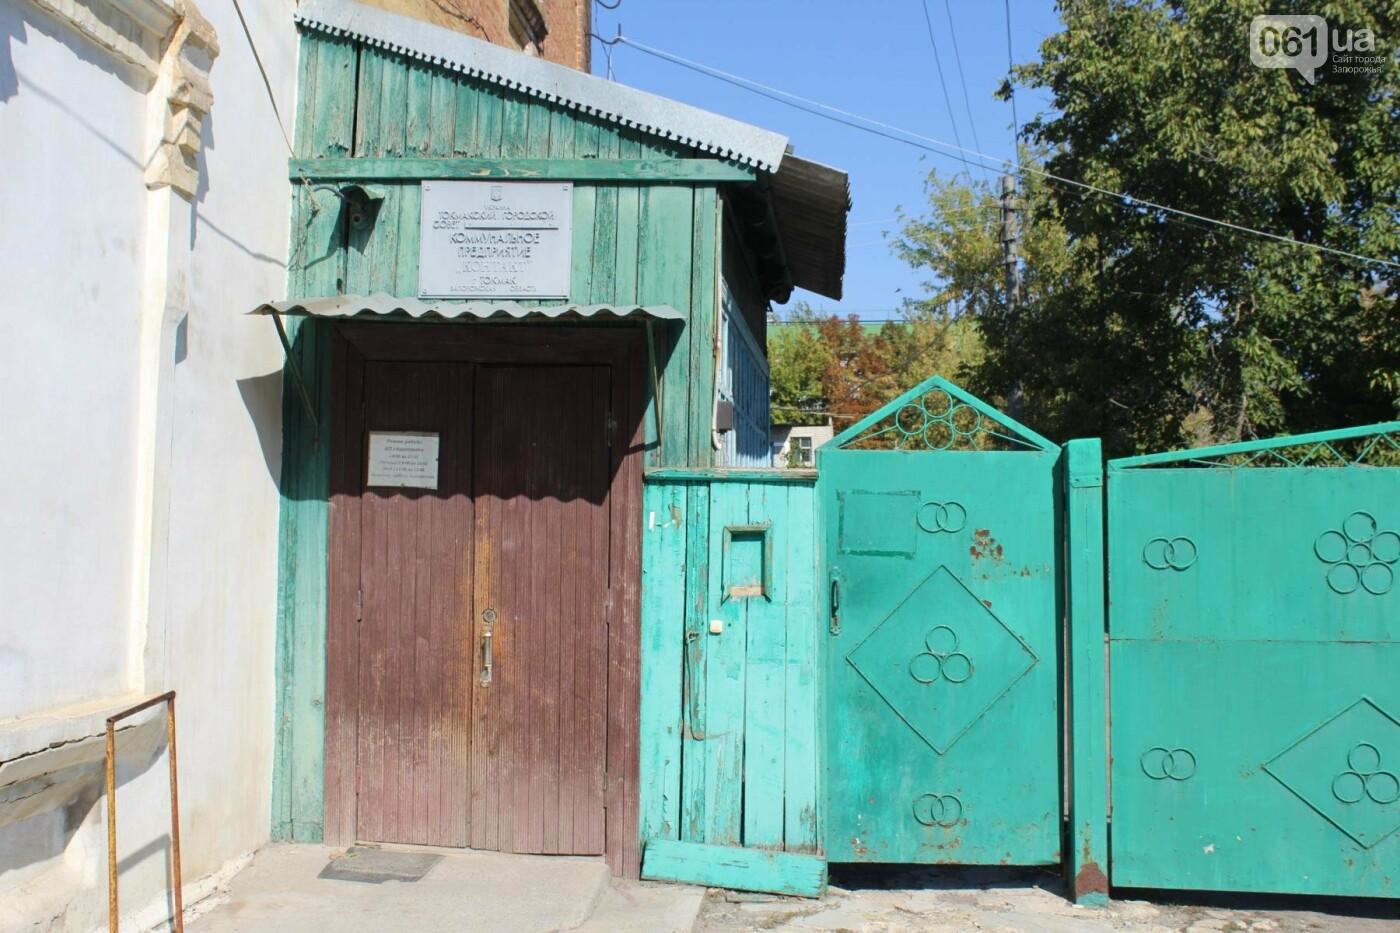 Как там в Токмаке: репортаж из официально депрессивного города, фото-36